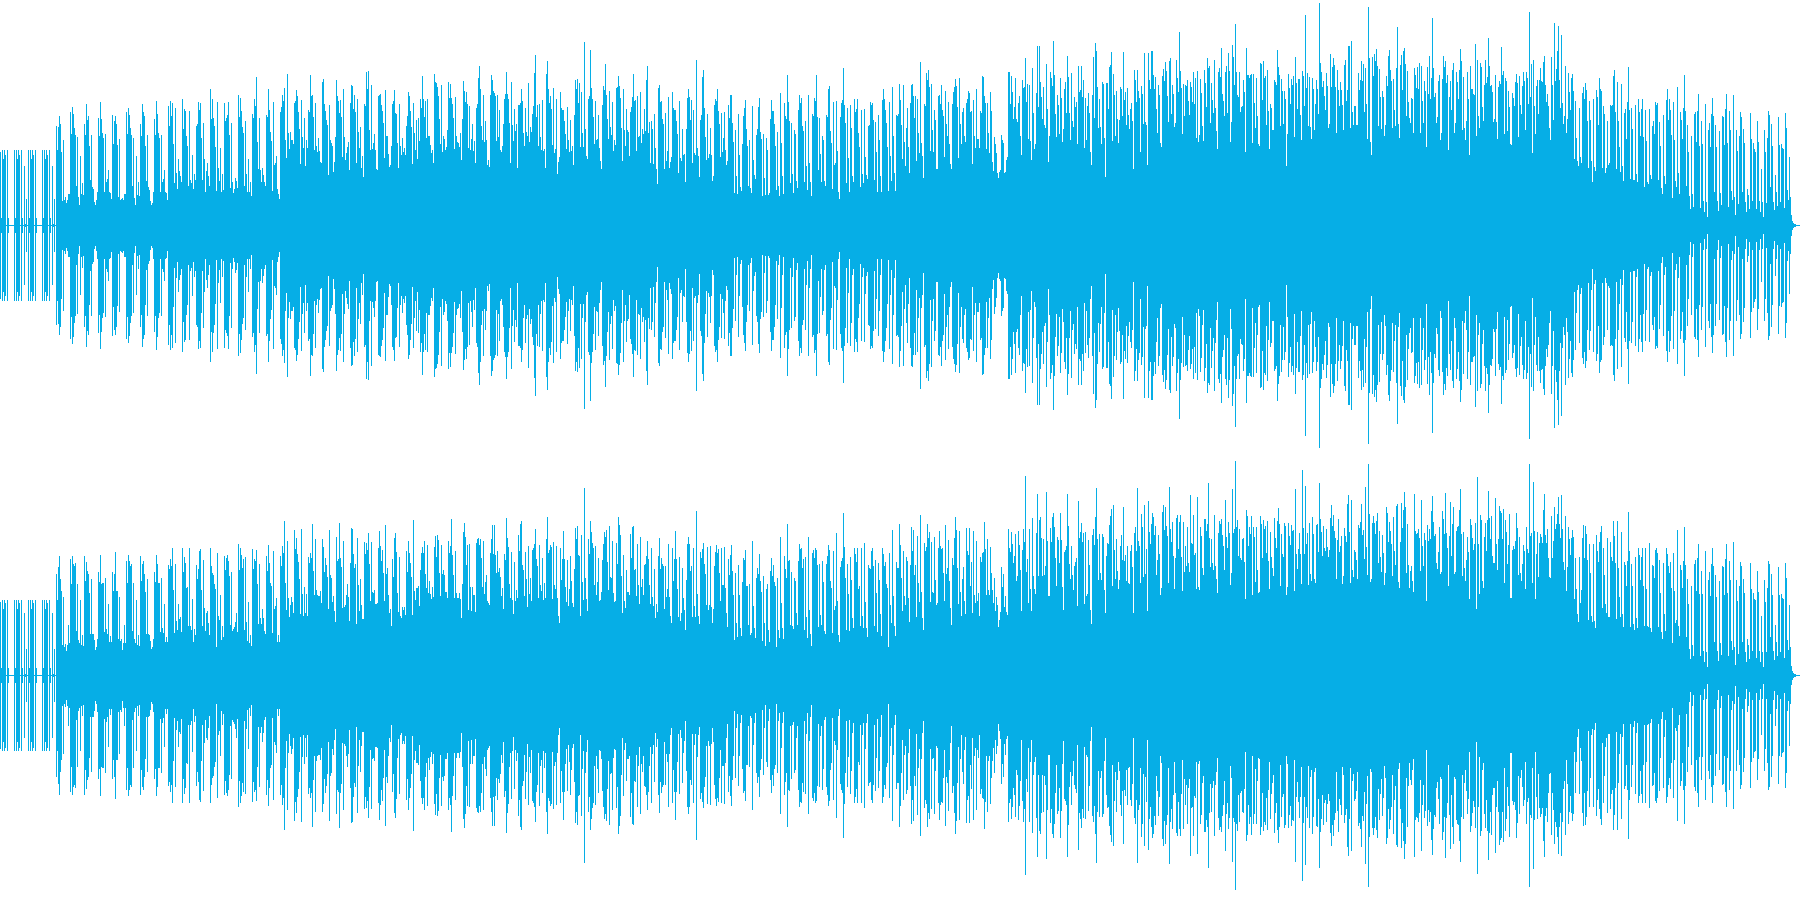 冷たい空気感の静寂なエレクトロニカの再生済みの波形